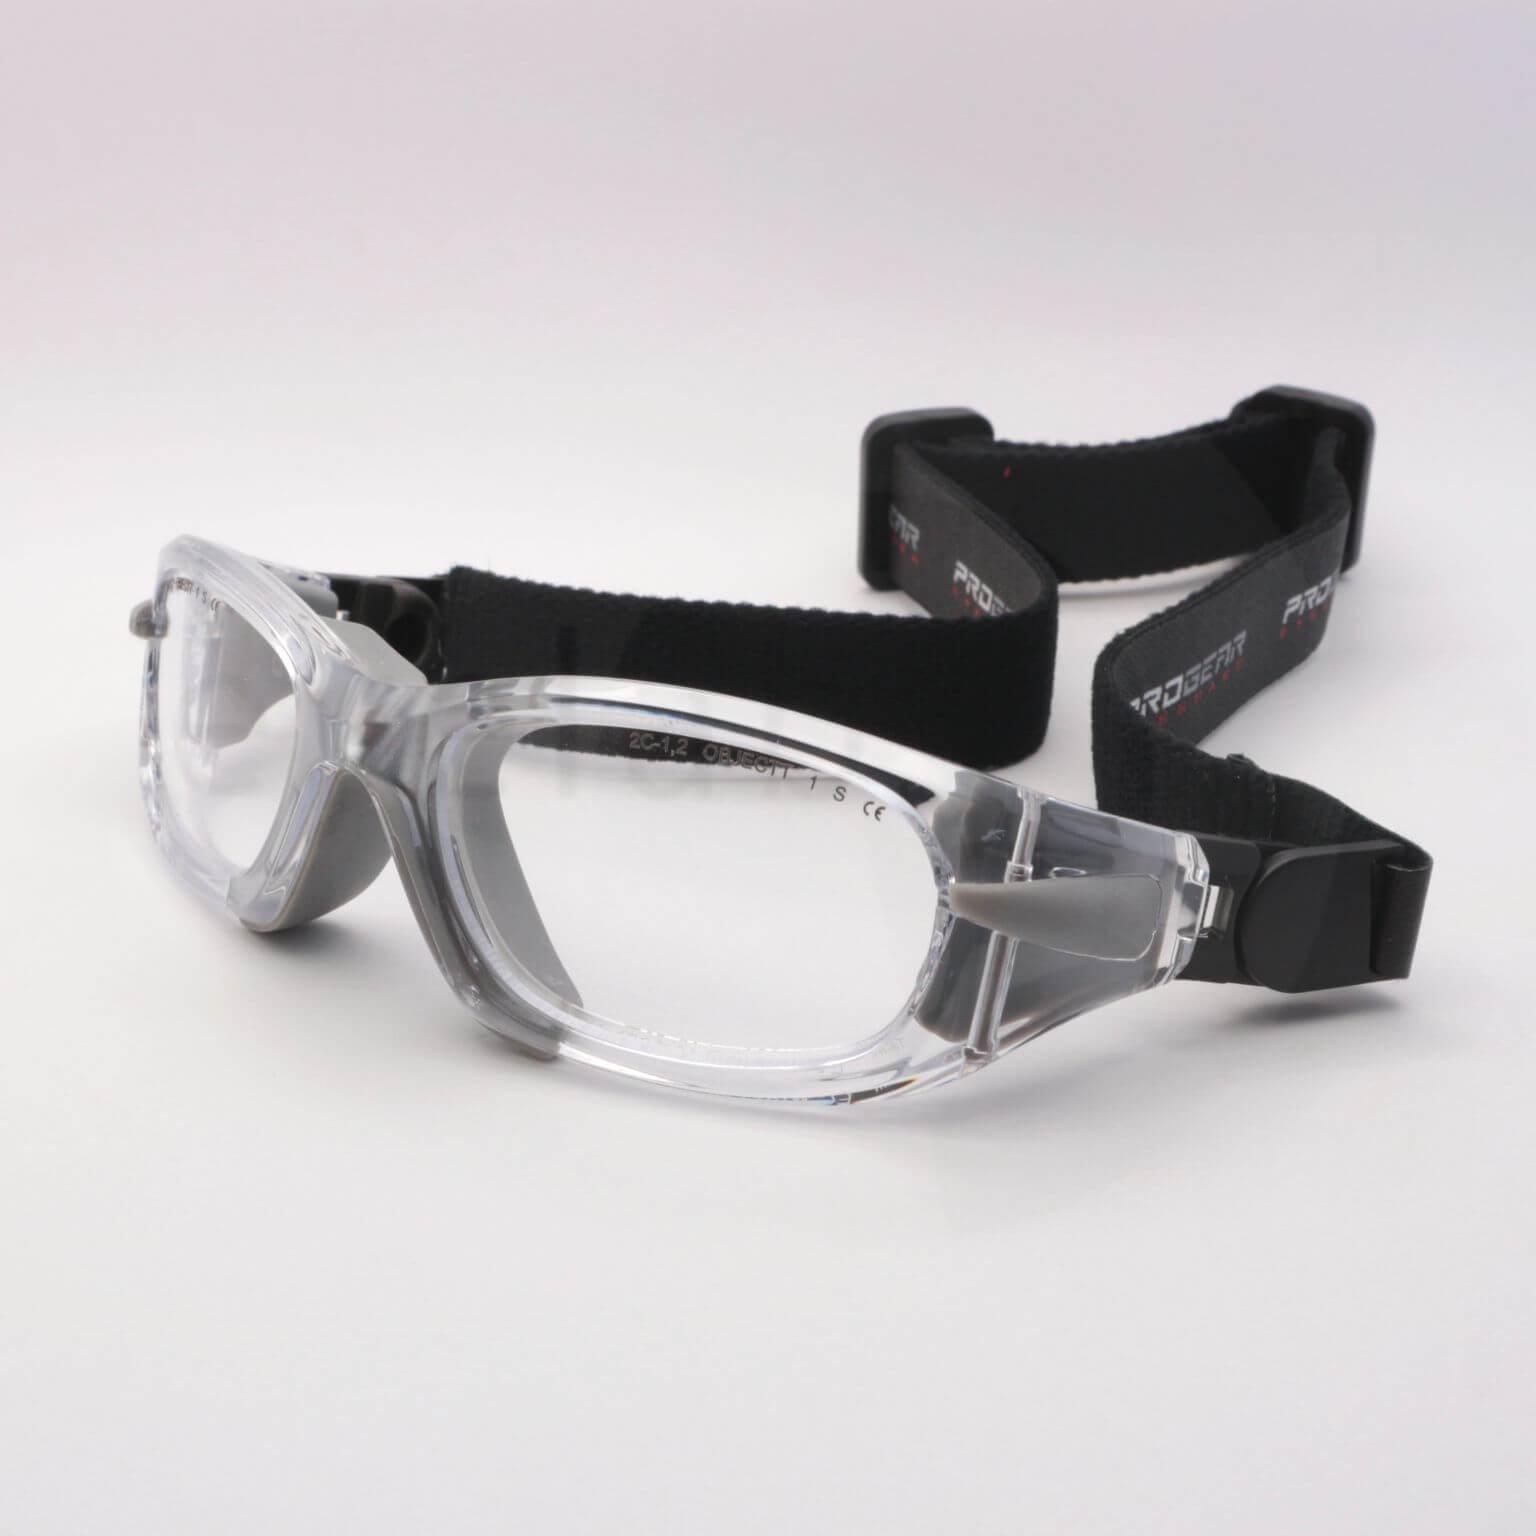 Μάσκα αθλητισμού για γυαλιά οράσεως ProGear Eyeguard ~ Eyelab a7521e7ce9b